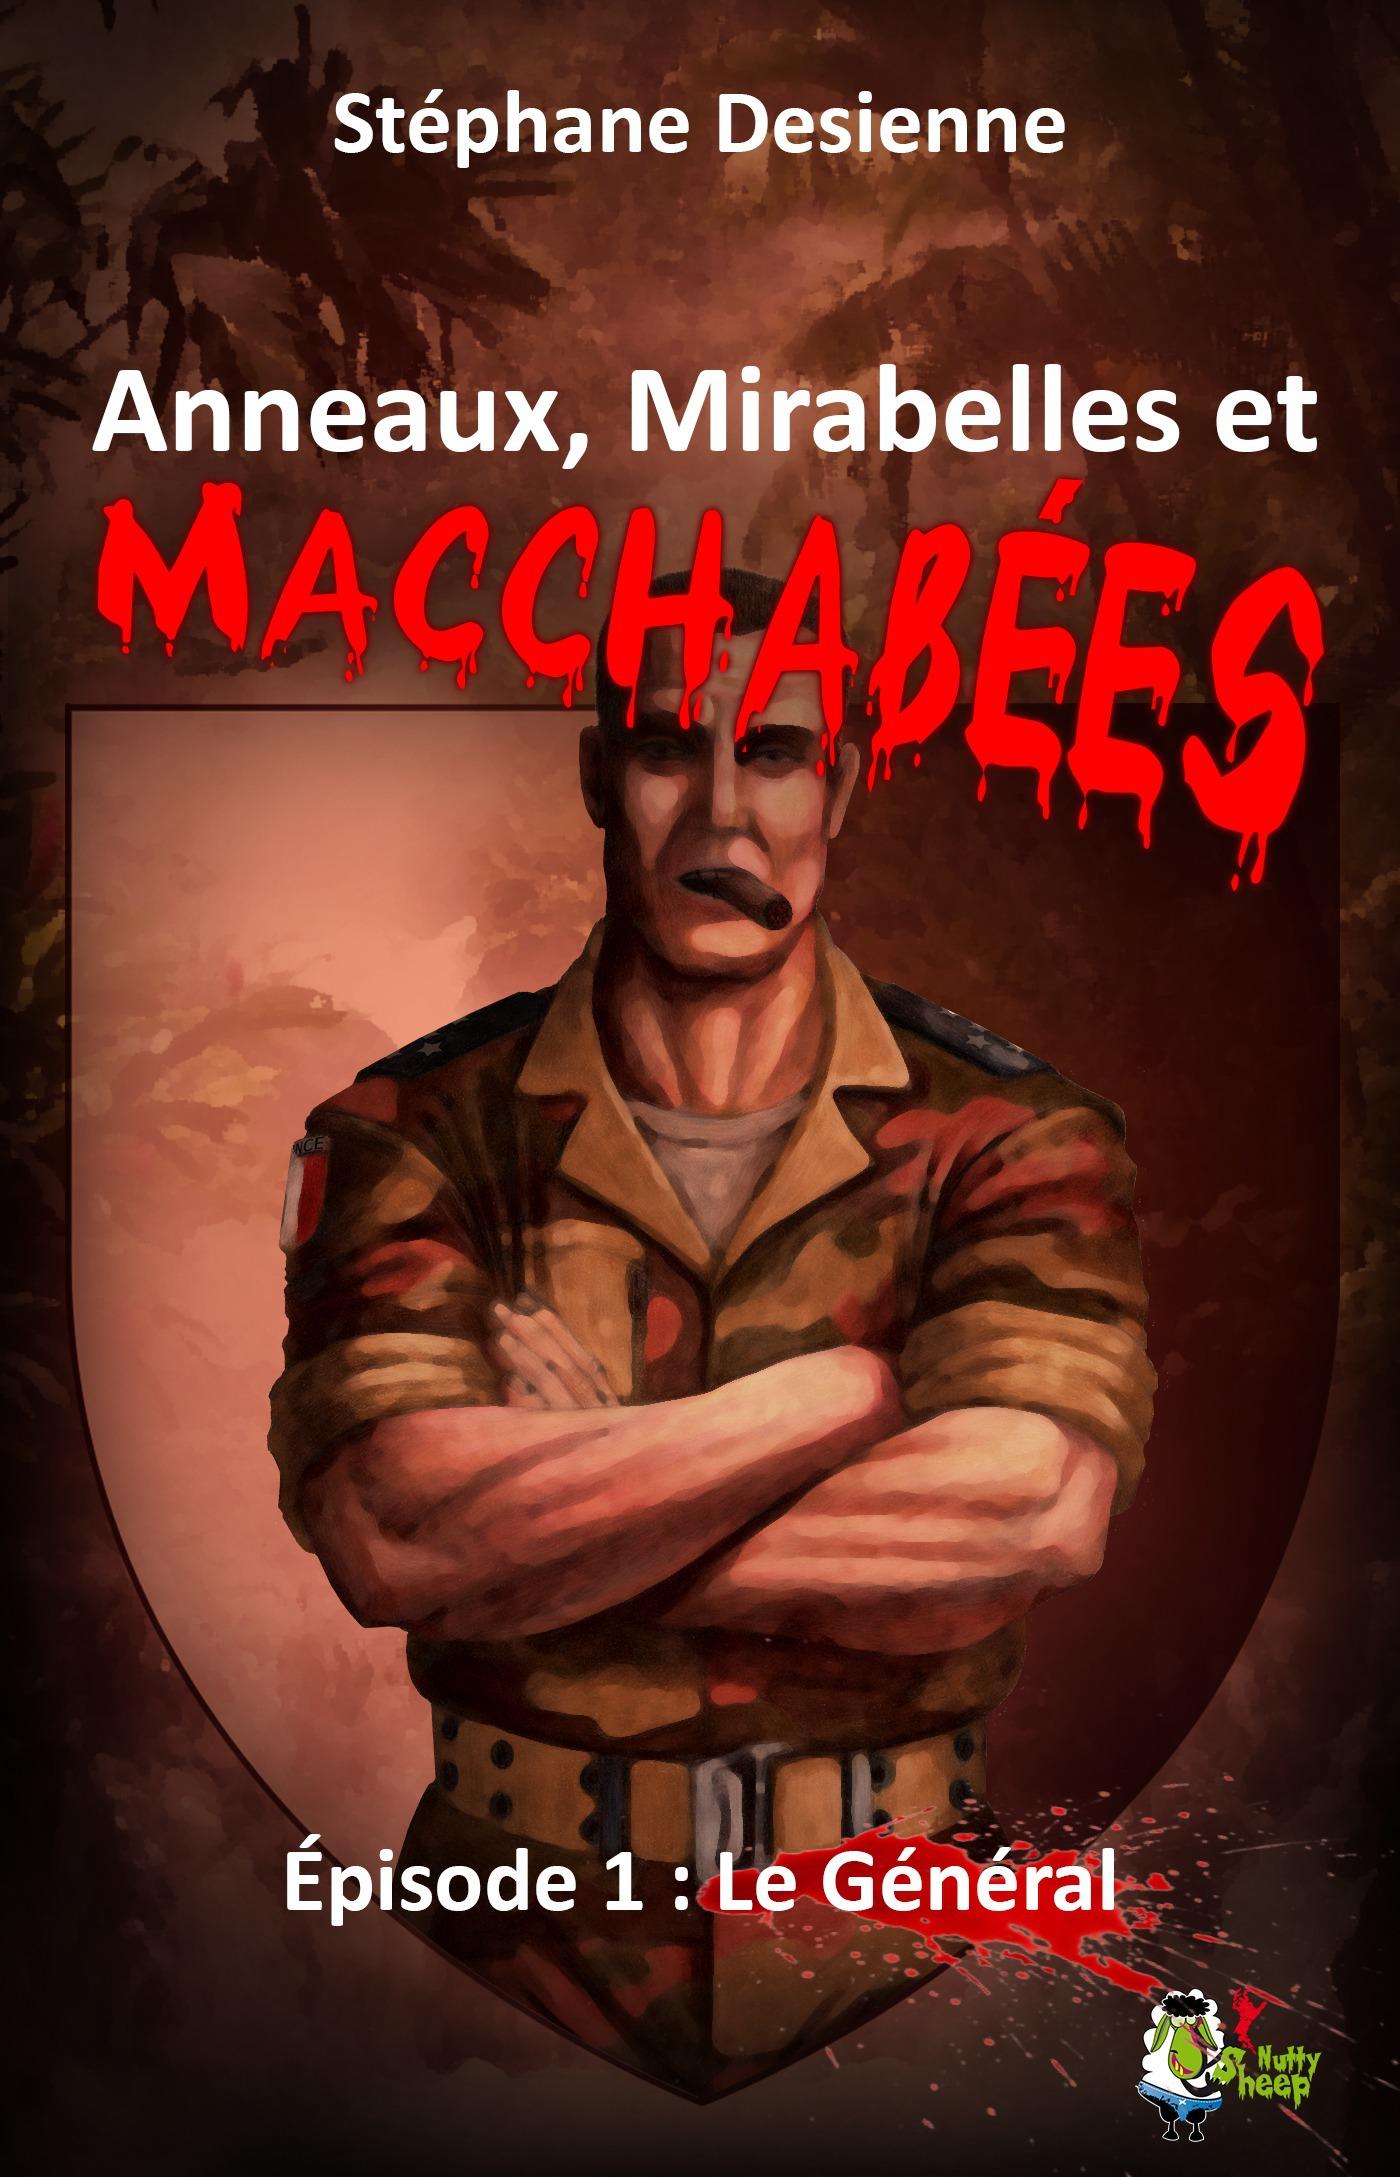 Anneaux, mirabelles et macchabées : Épisode 1